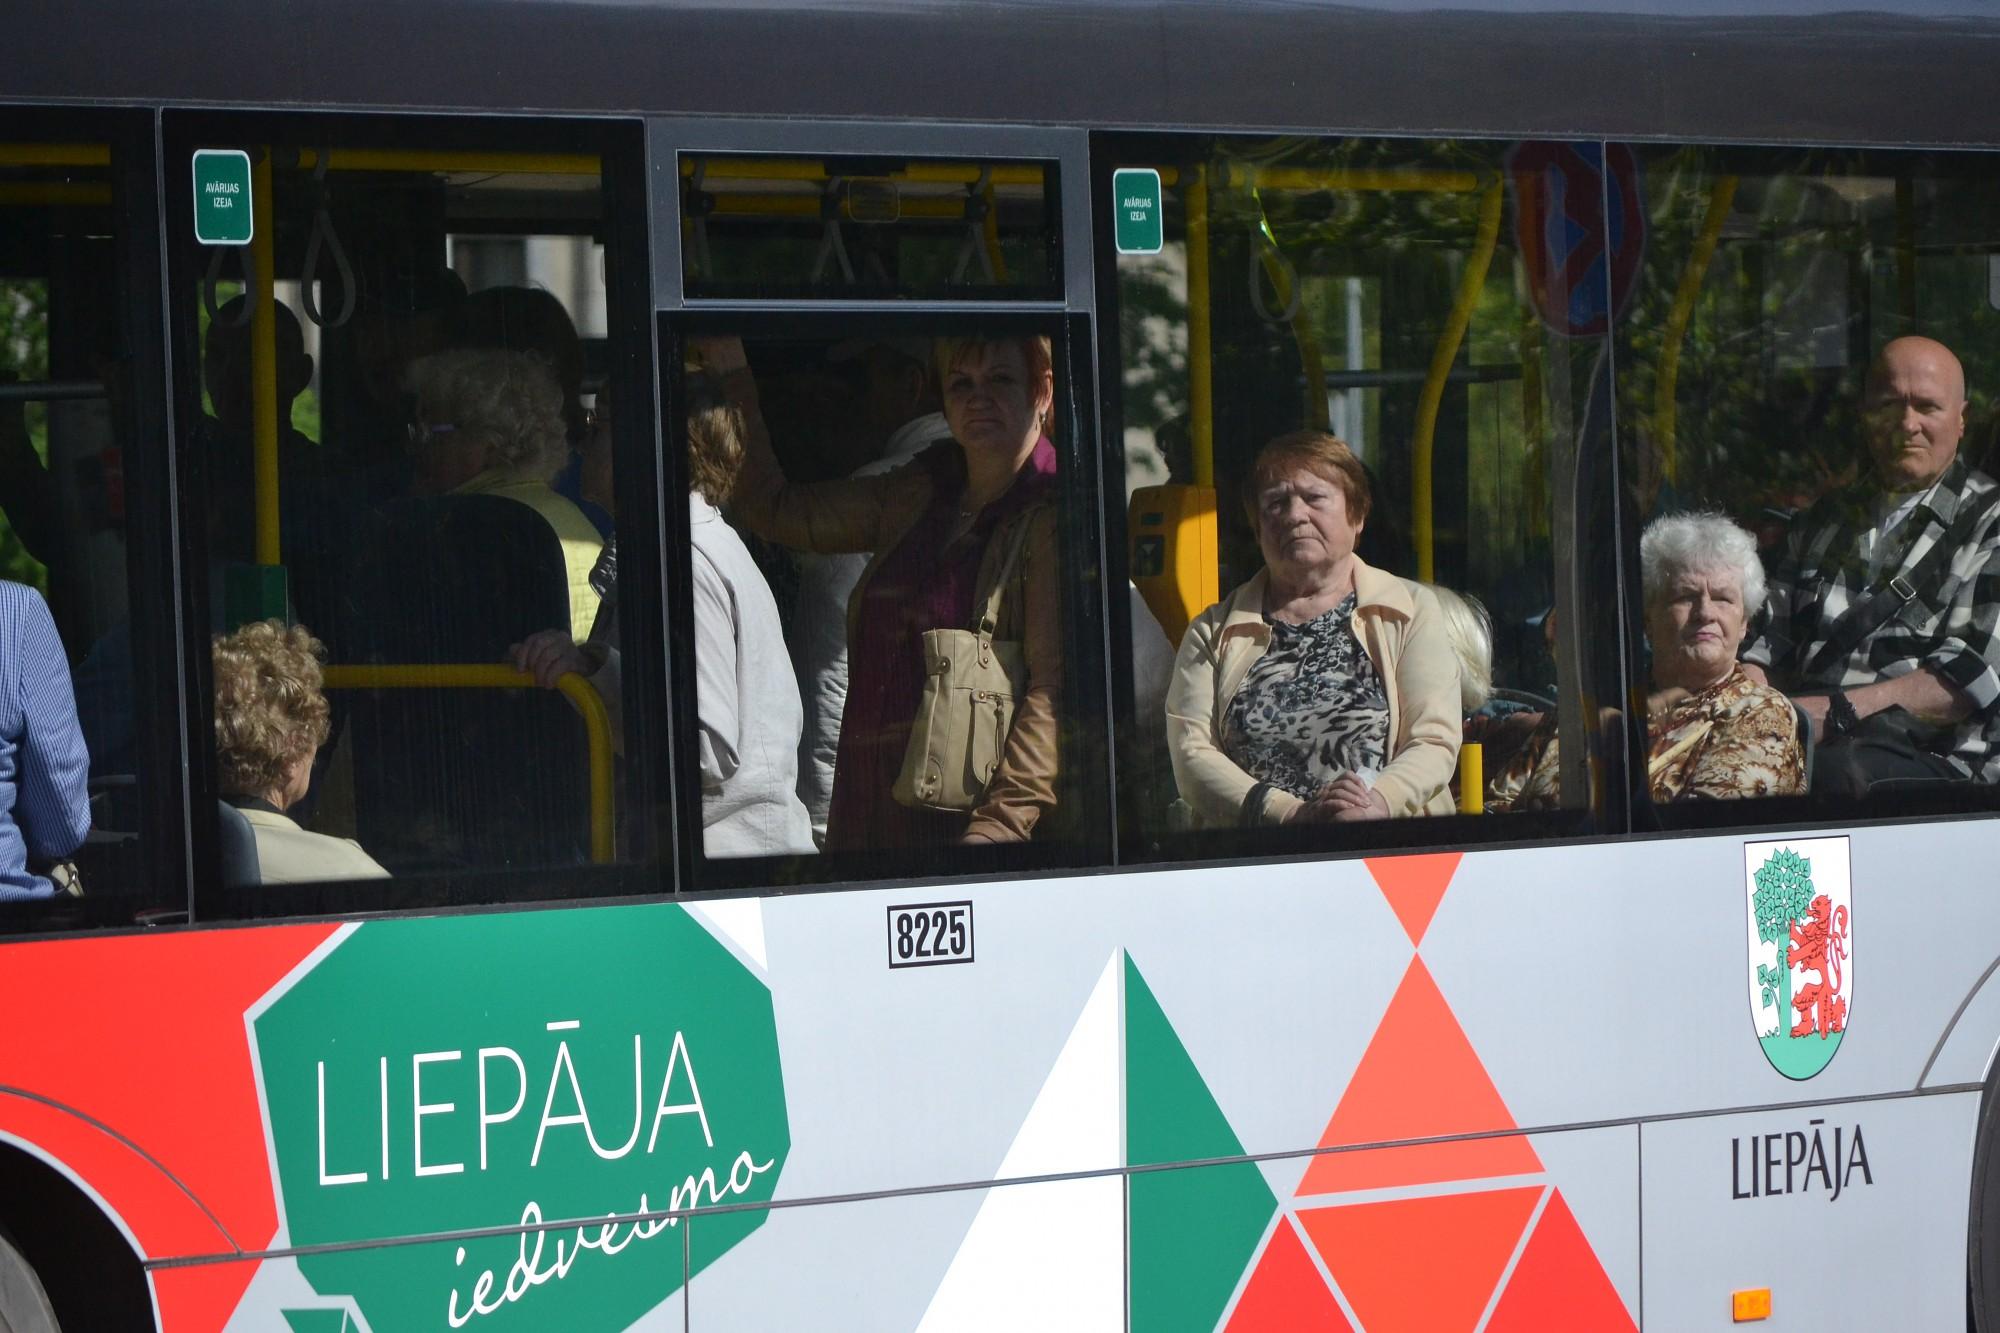 Liepājas opozīcija rosina Černobiļas avārijas seku likvidētājus atbrīvot no braukšanas maksas sabiedriskajā transportā